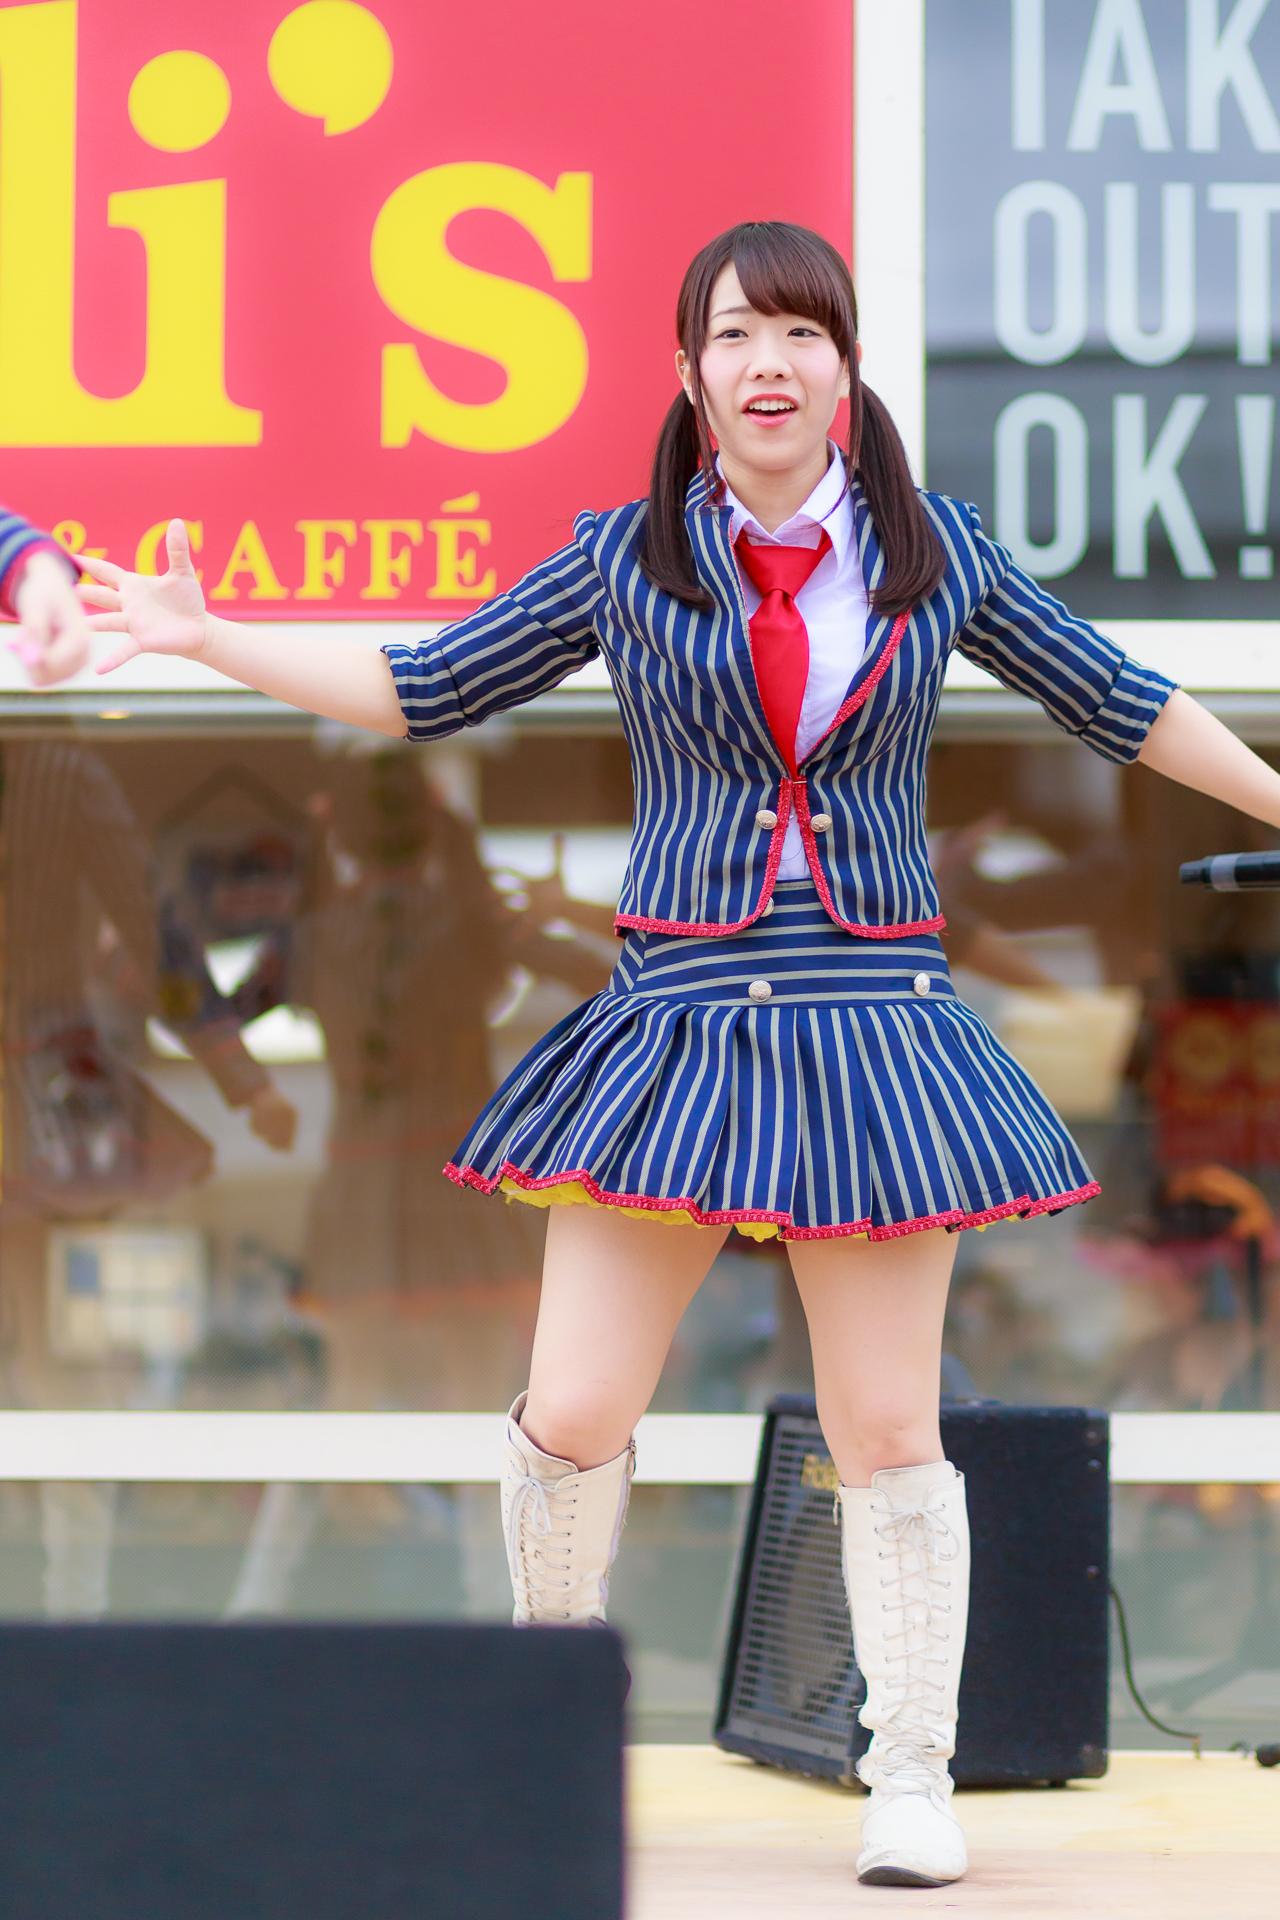 フルーティー♡ まい ( 伊藤舞 ) | 新川メガ・ドン・キホーテ インストアライブ2017 Vol.1